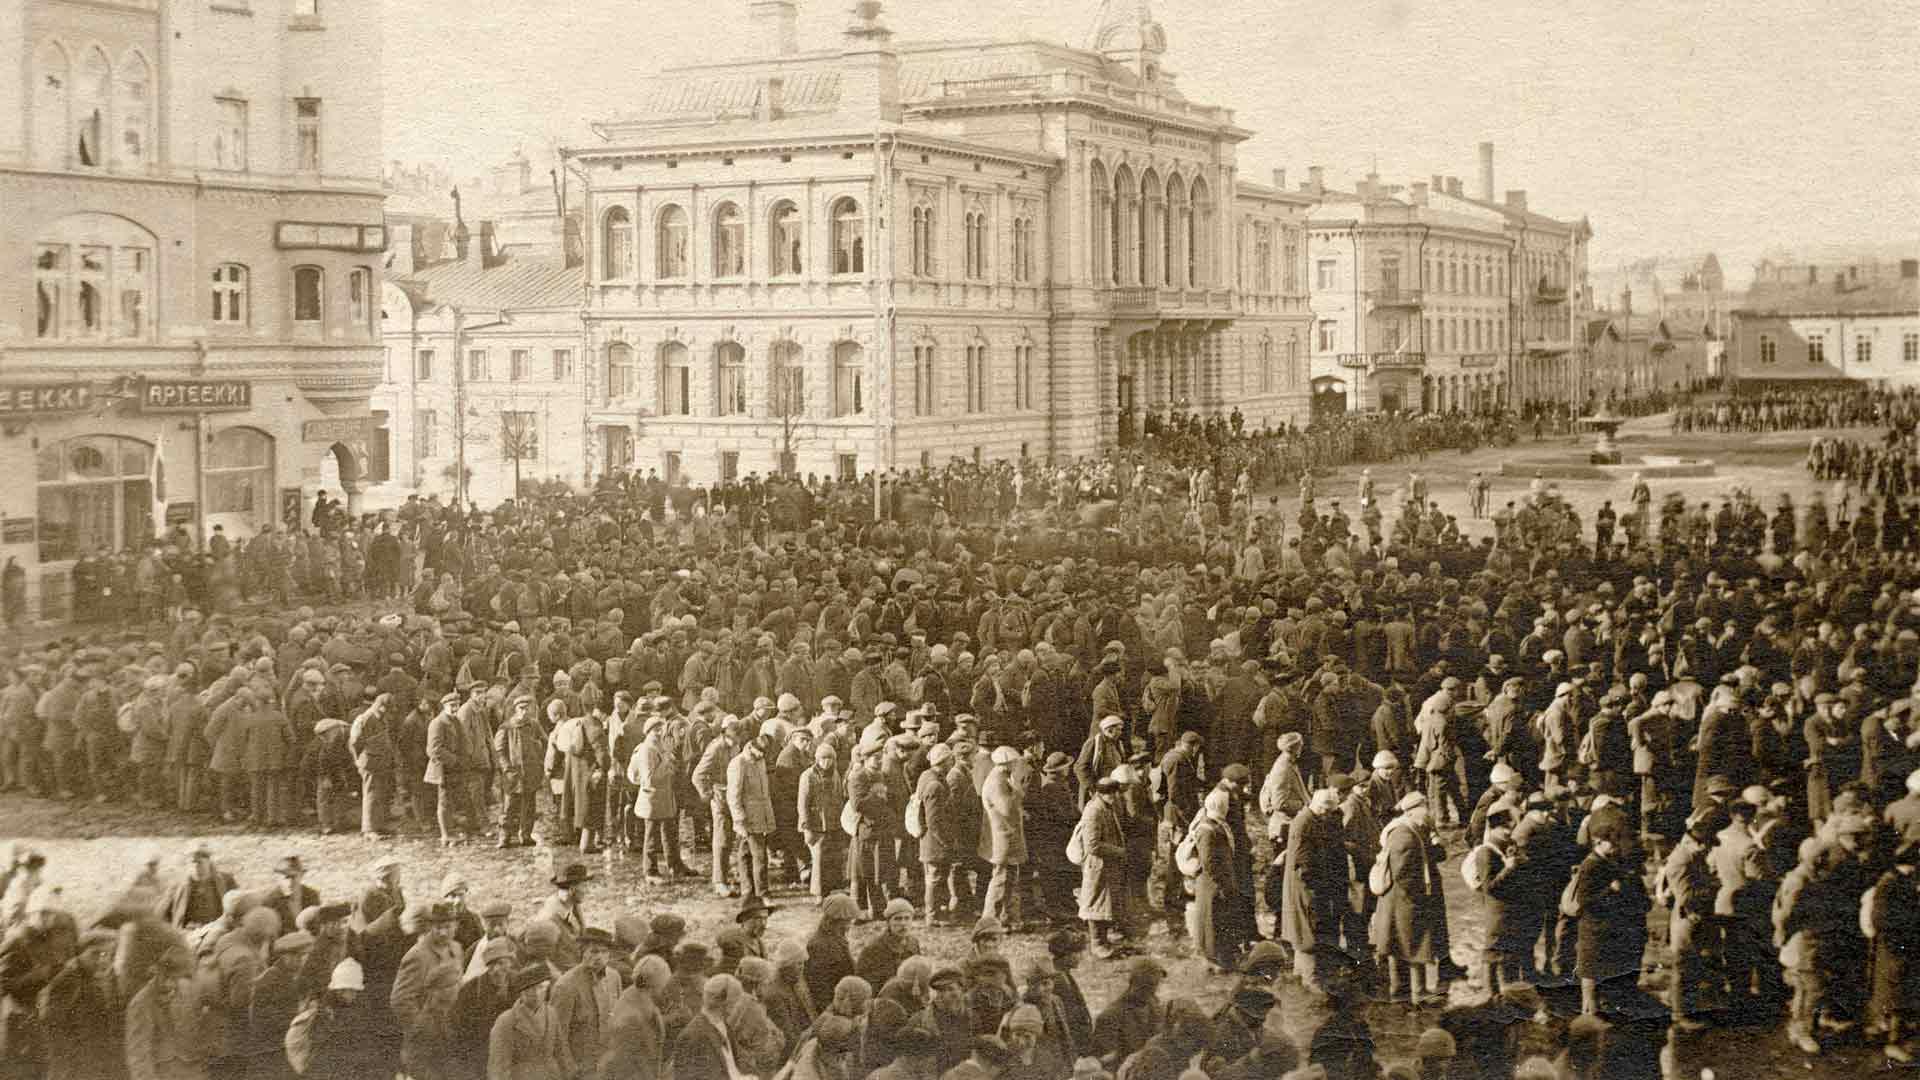 Tampereen punaiset koottiin 1918 kaupungin valtauksen jälkeen Keskustorille odottamaan kuljetusta. Näidenkin ihmisten kohtaloita voi löytää Sotasammosta.